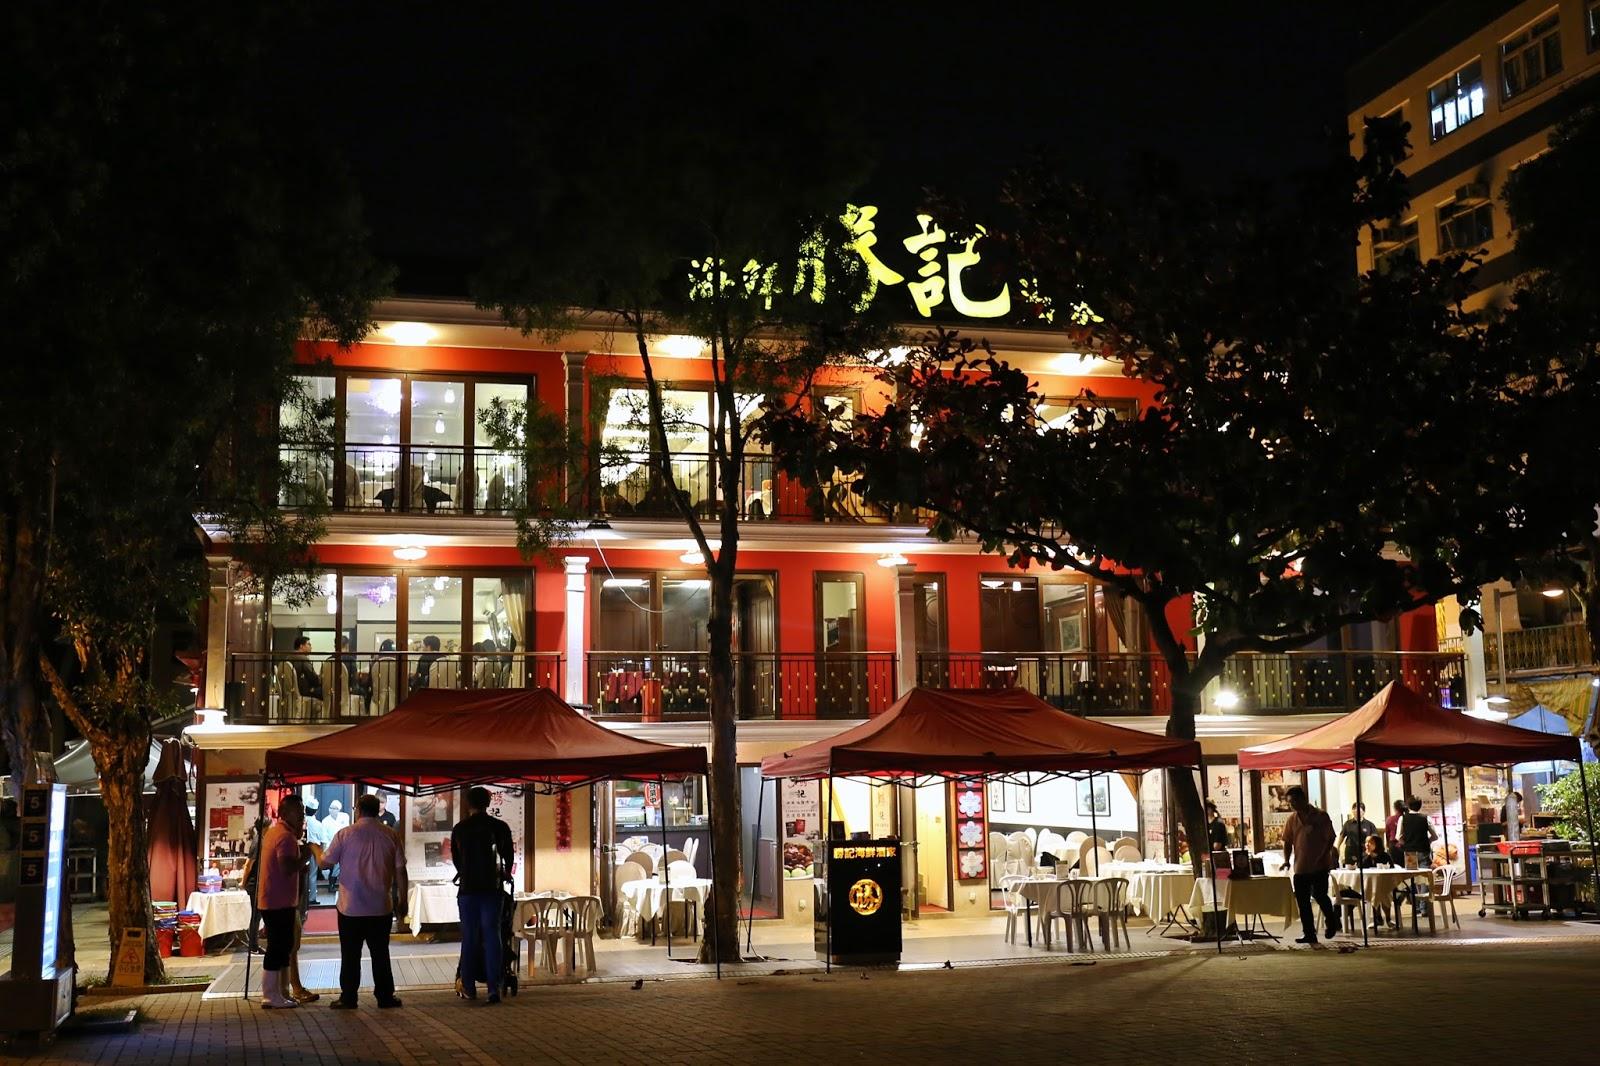 西貢 勝記海鮮酒家 Sing Kee Seafood Restaurant | 甜魔媽媽新天地 – U Blog 博客